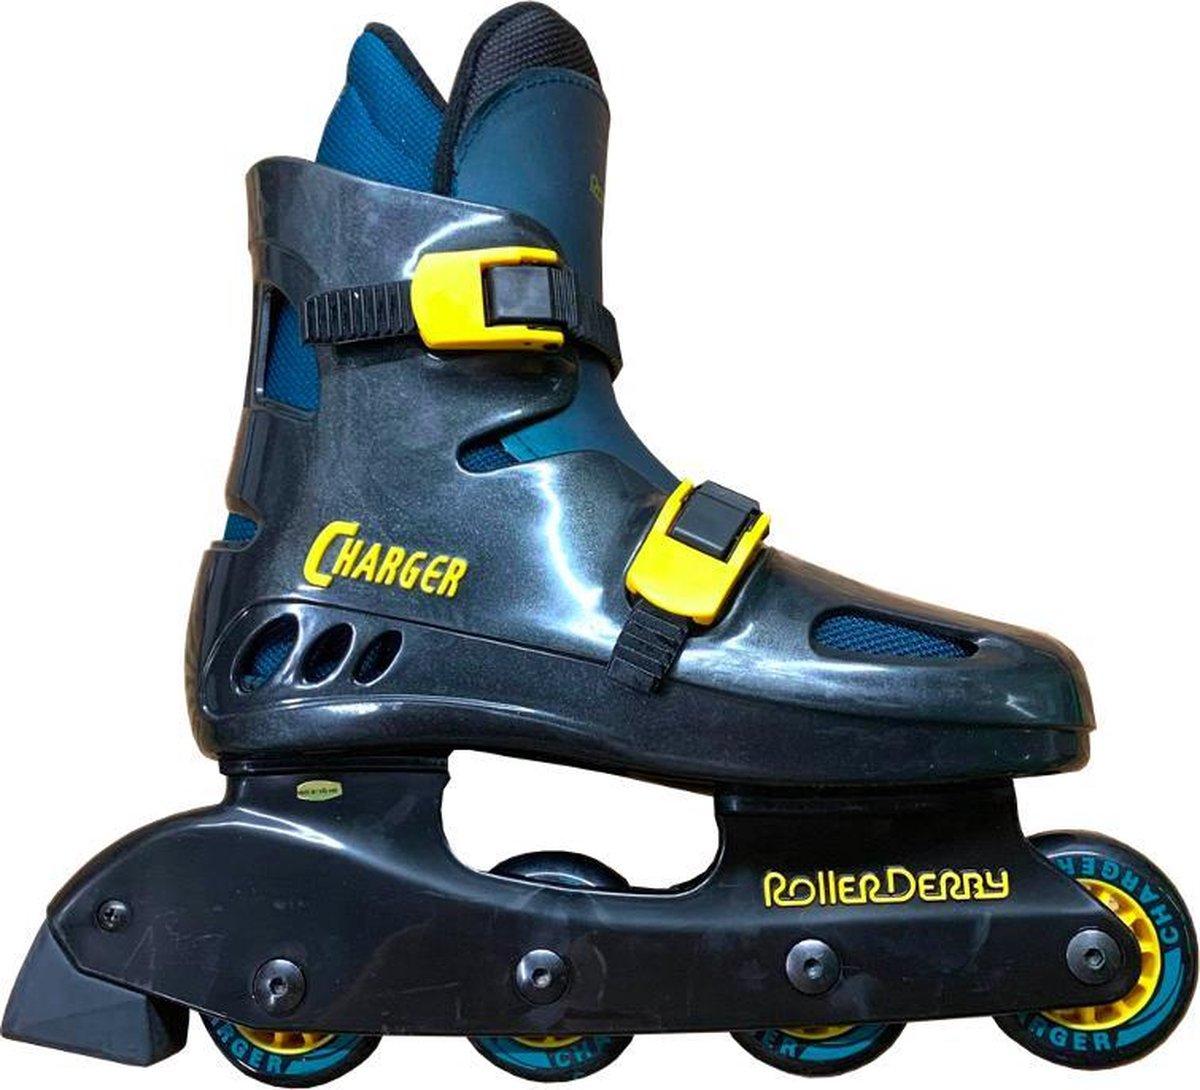 Roller Derby Charger in-line skates by Rollerderby + GRATIS DRAAGTAS - maat 38/39